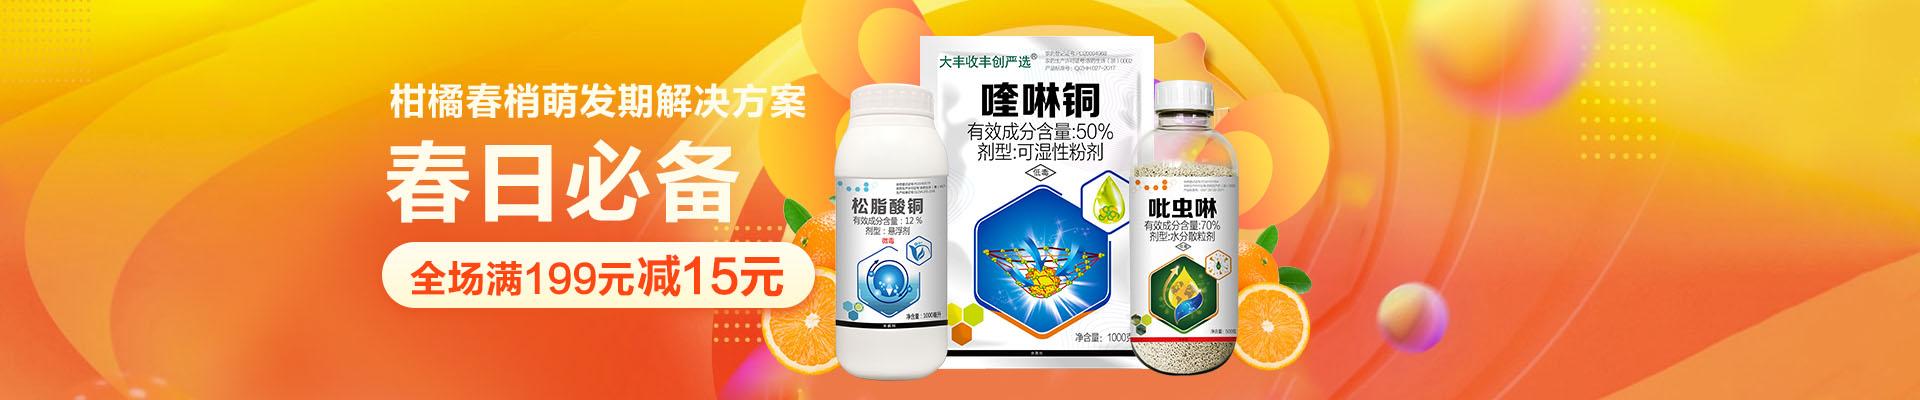 【2月】柑橘卖场